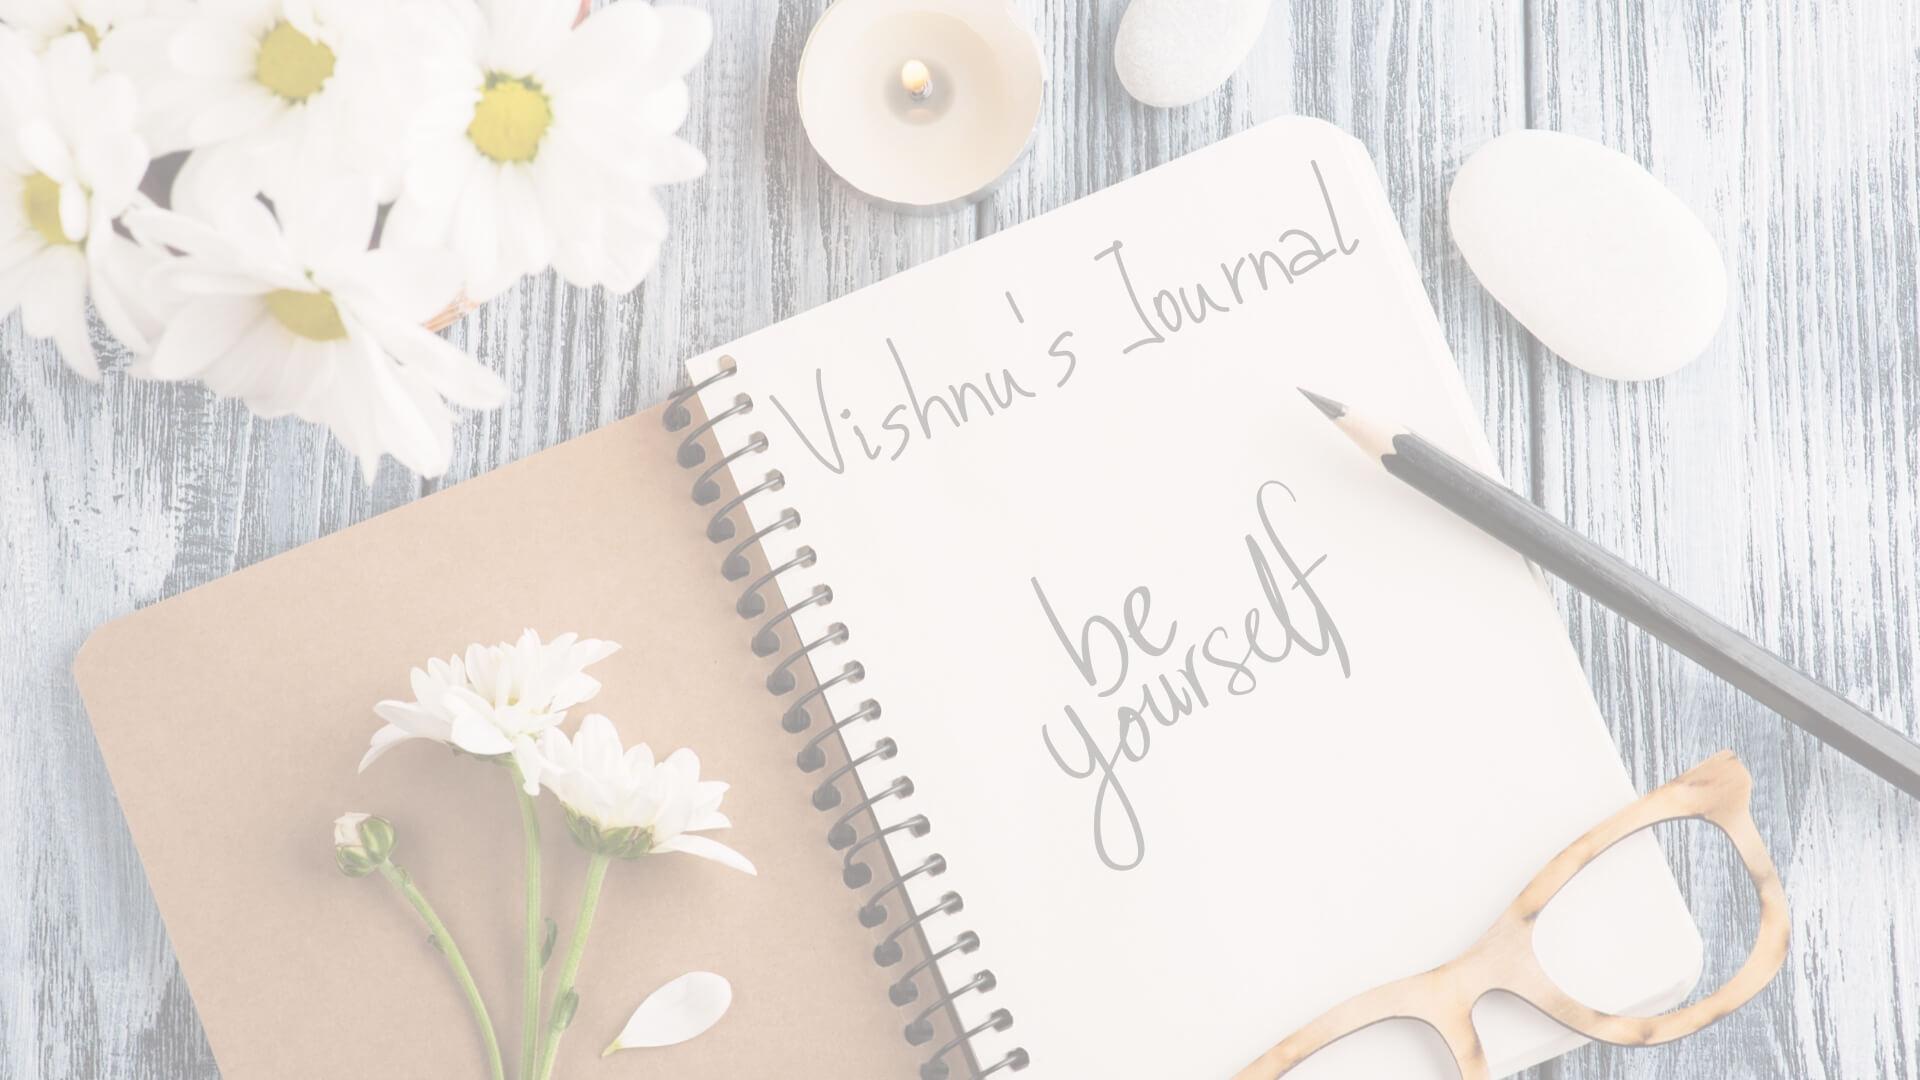 Vishnu Goyal Journal